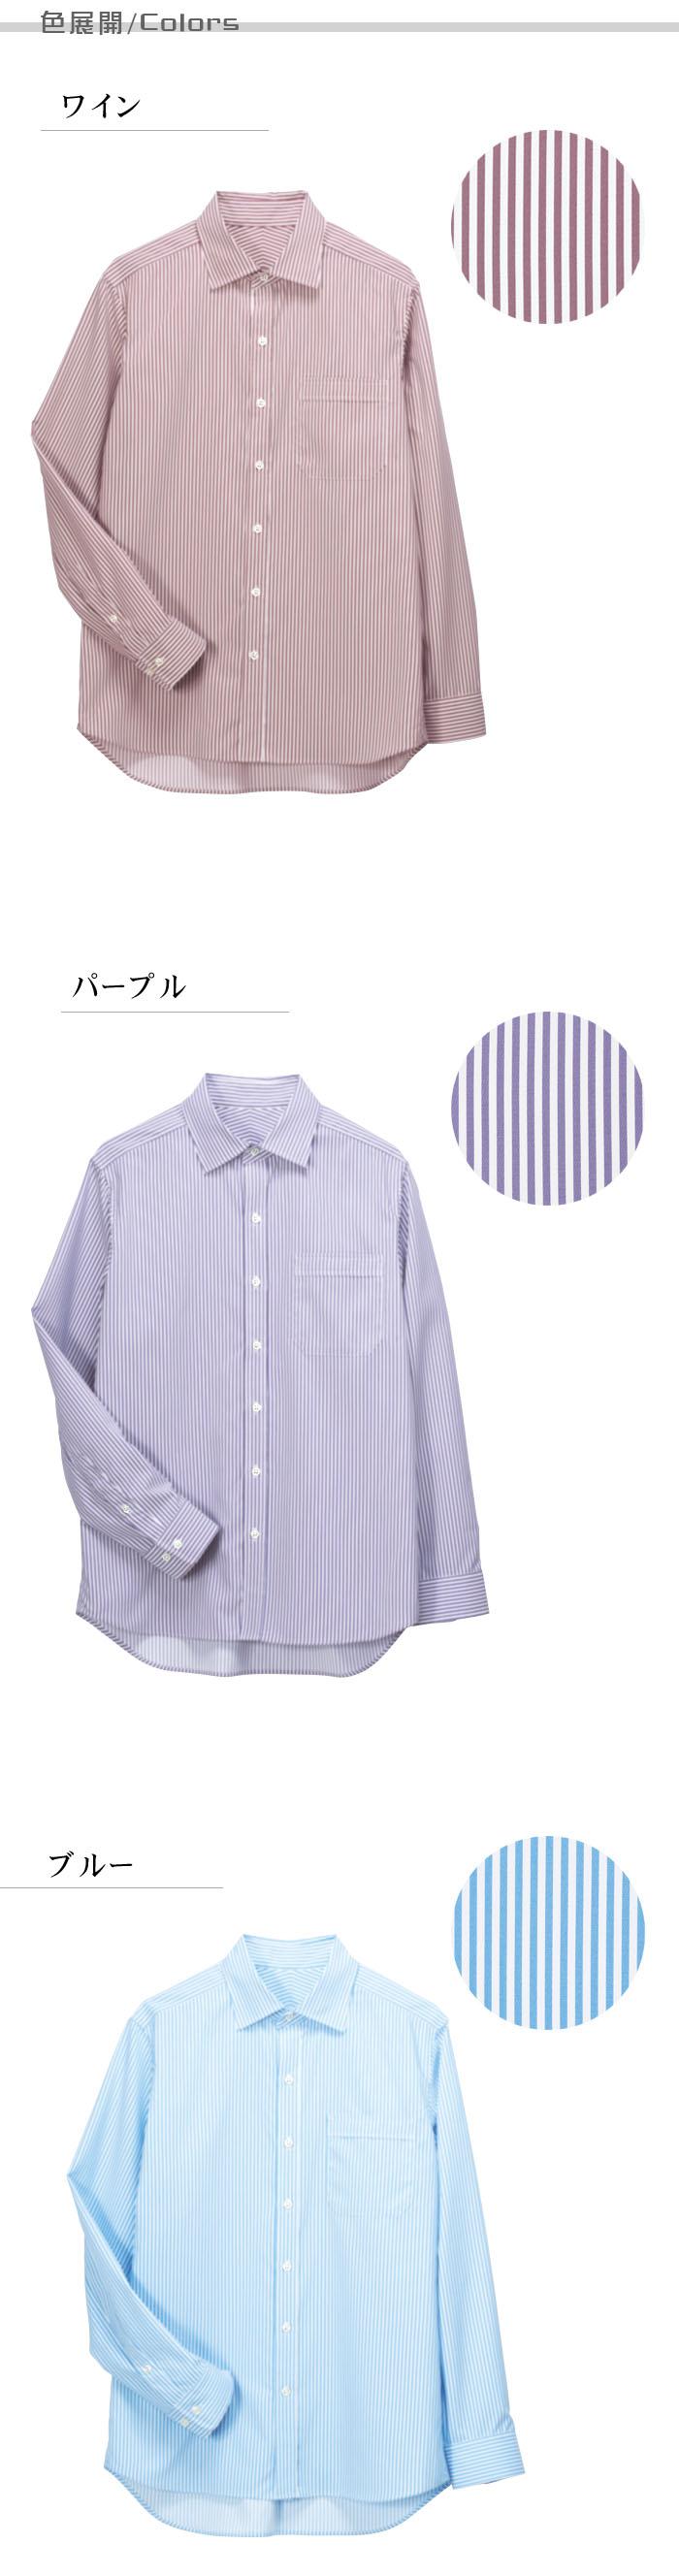 飲食店販売制服 ストライプ長袖シャツ男性用(爽やかな3色) 透けにくくストレッチ 着心地がいい   商品色展開説明